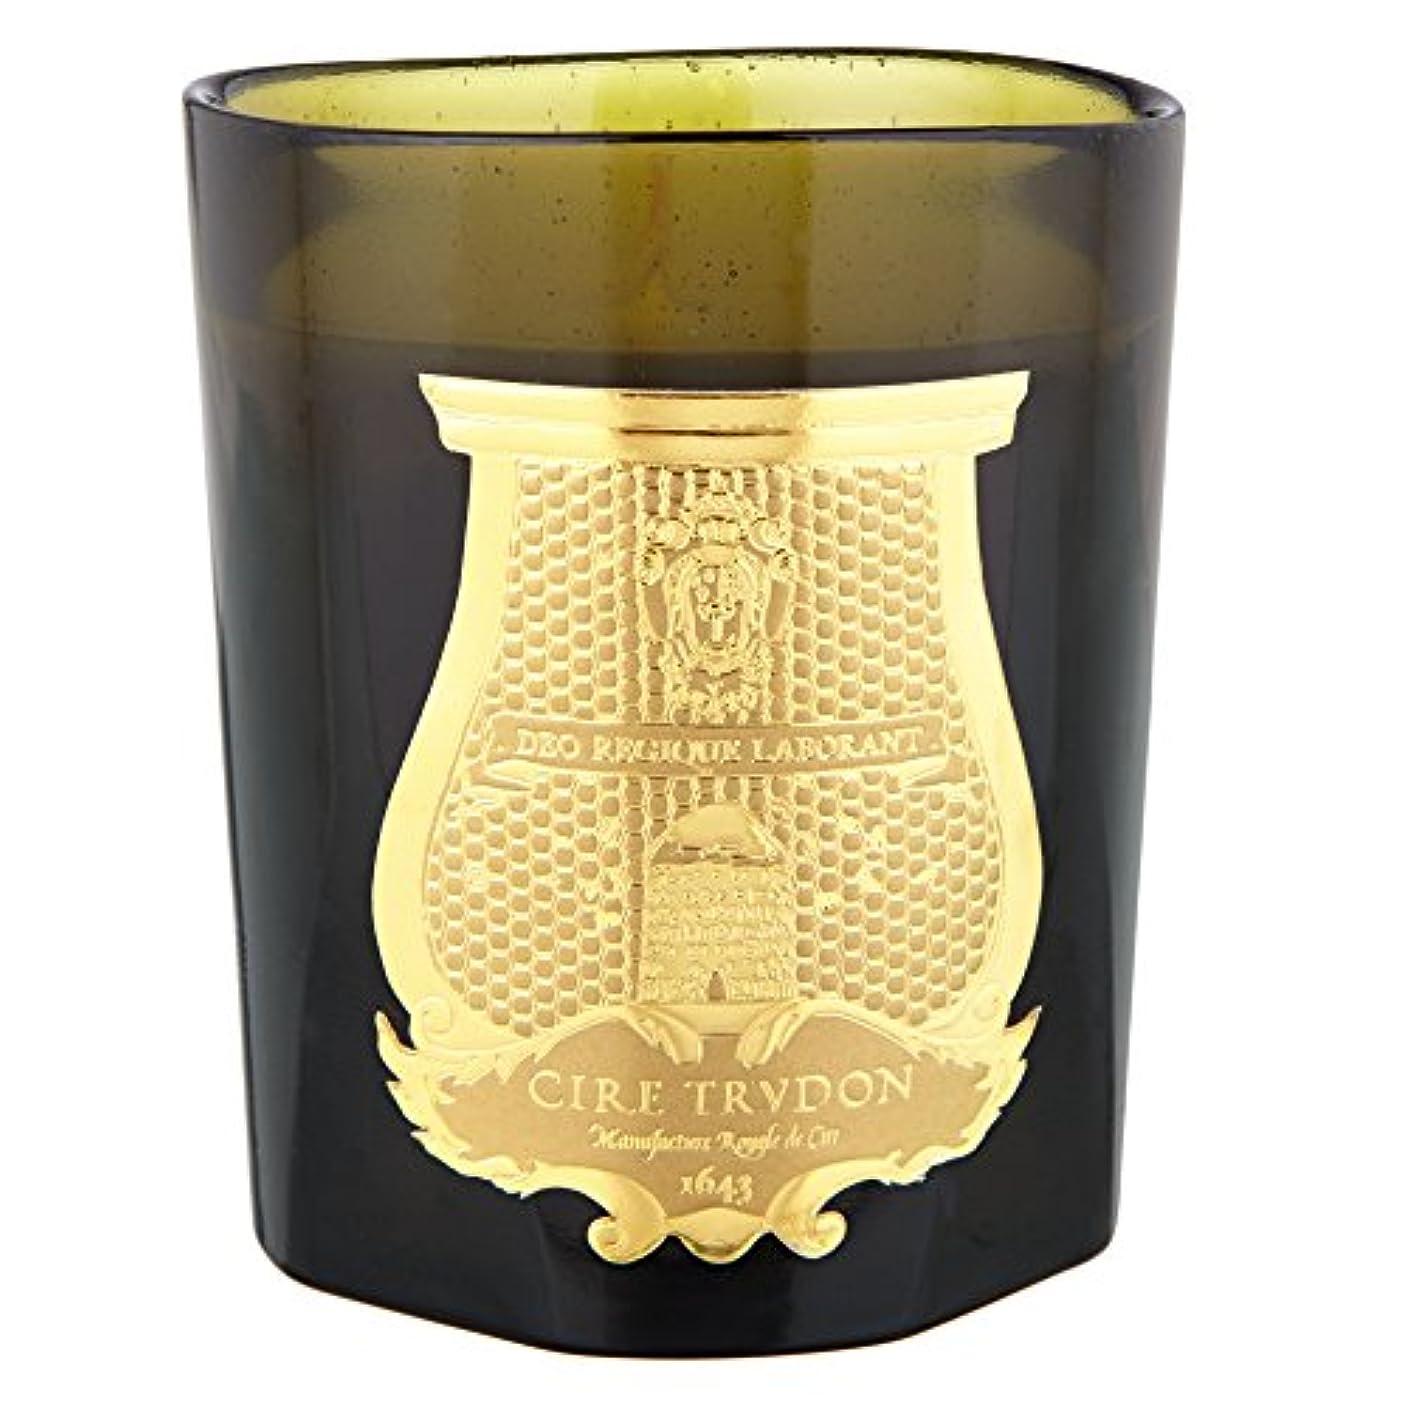 CireのTrudonのトリアノン香りのキャンドル (Cire Trudon) - Cire Trudon Trianon Scented Candle [並行輸入品]